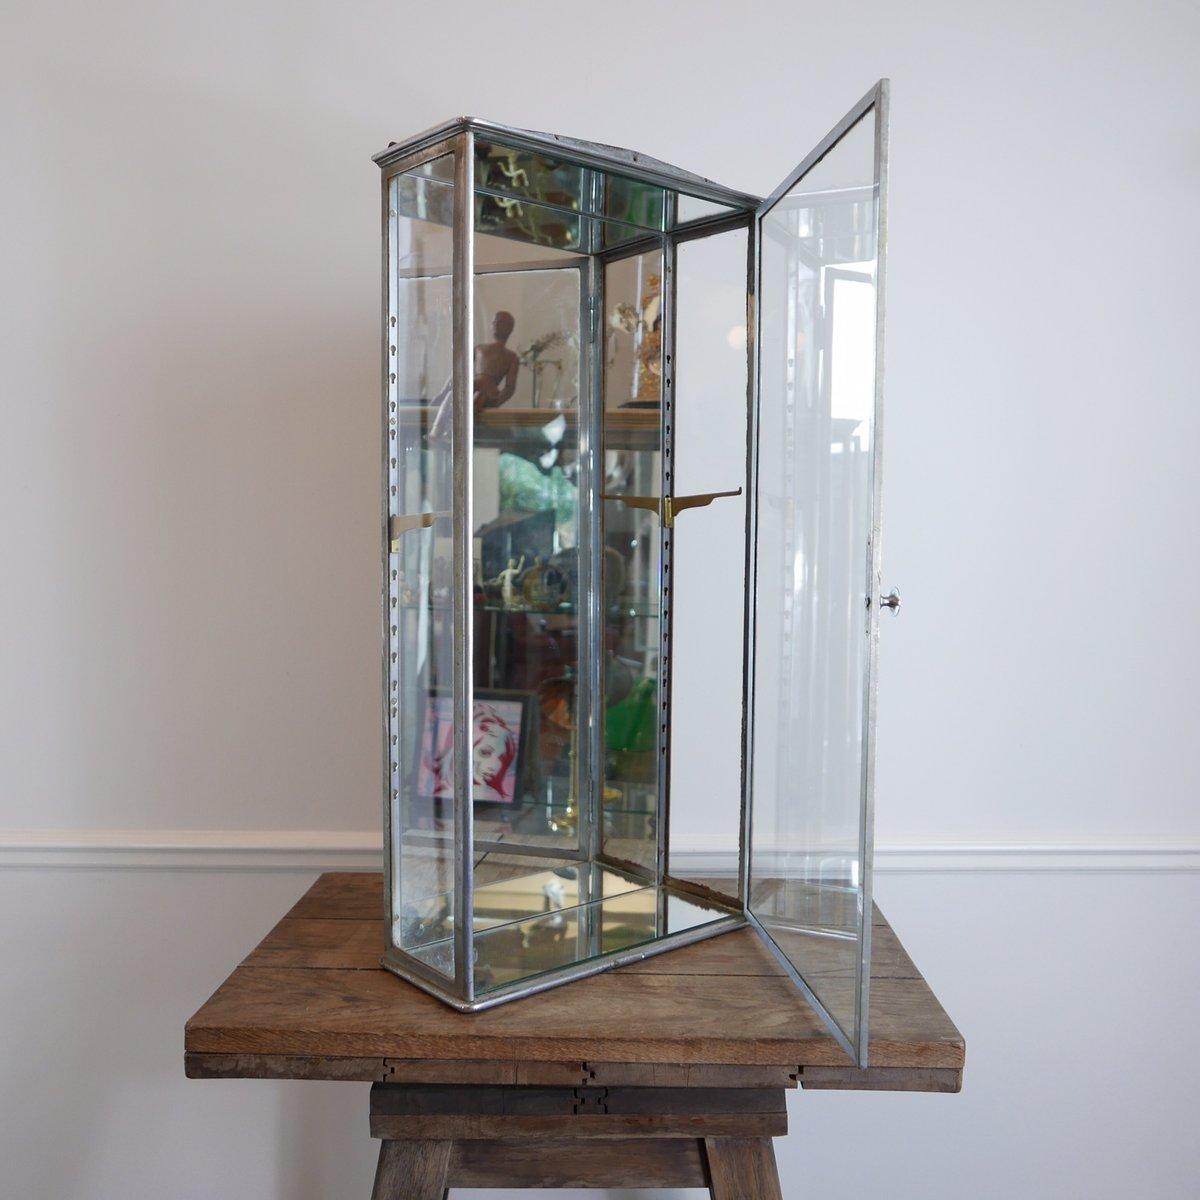 meuble avec vitrine industriel en acier 1930s en vente sur pamono. Black Bedroom Furniture Sets. Home Design Ideas